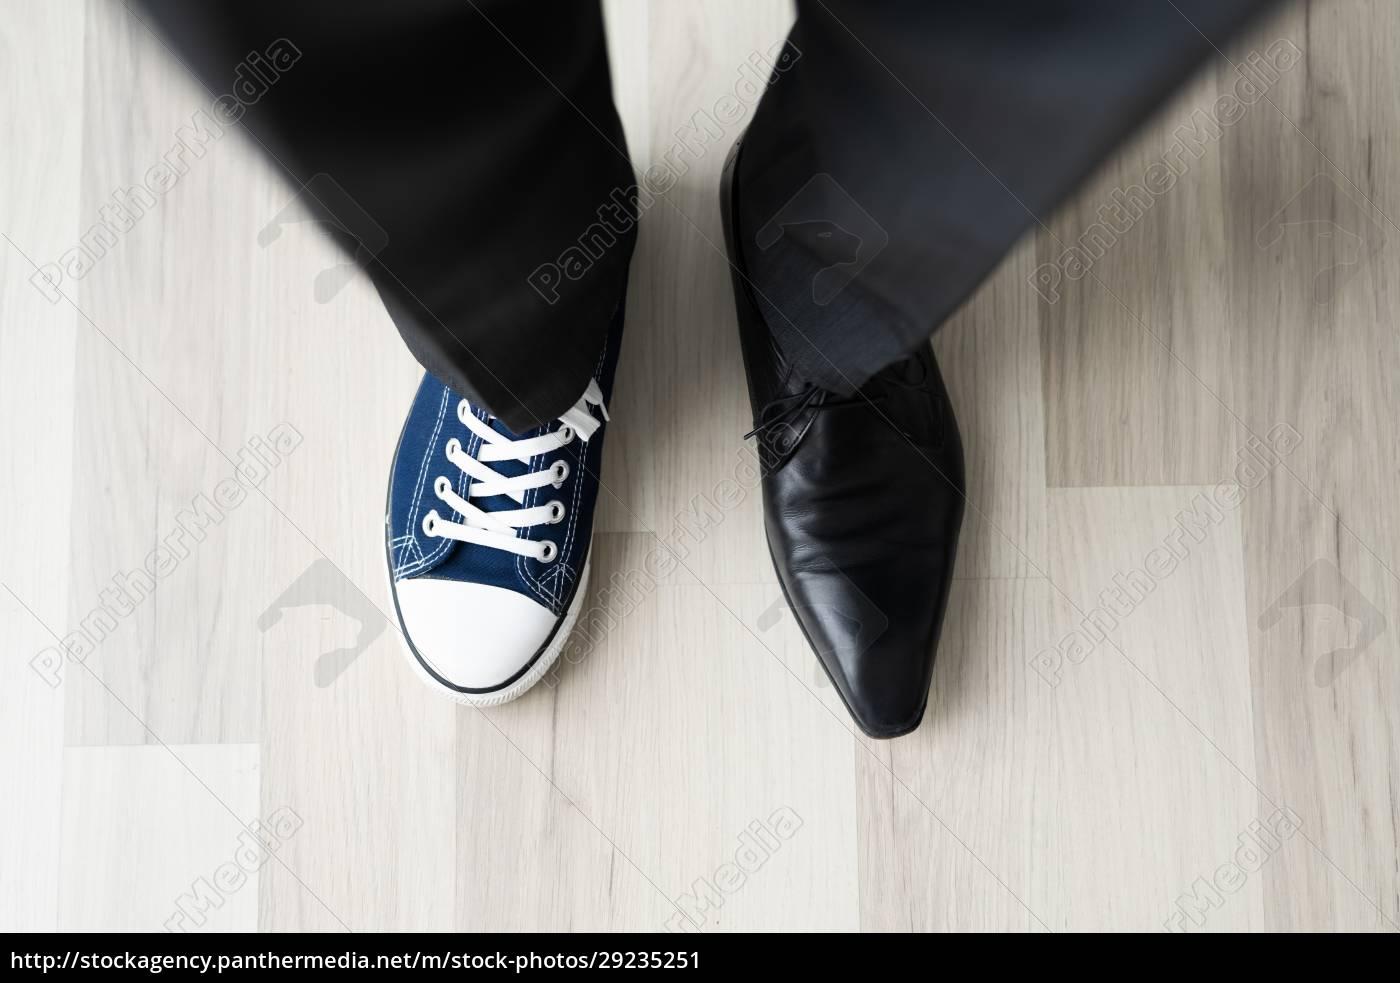 balance, mellem, arbejdsliv, og, privatliv - 29235251